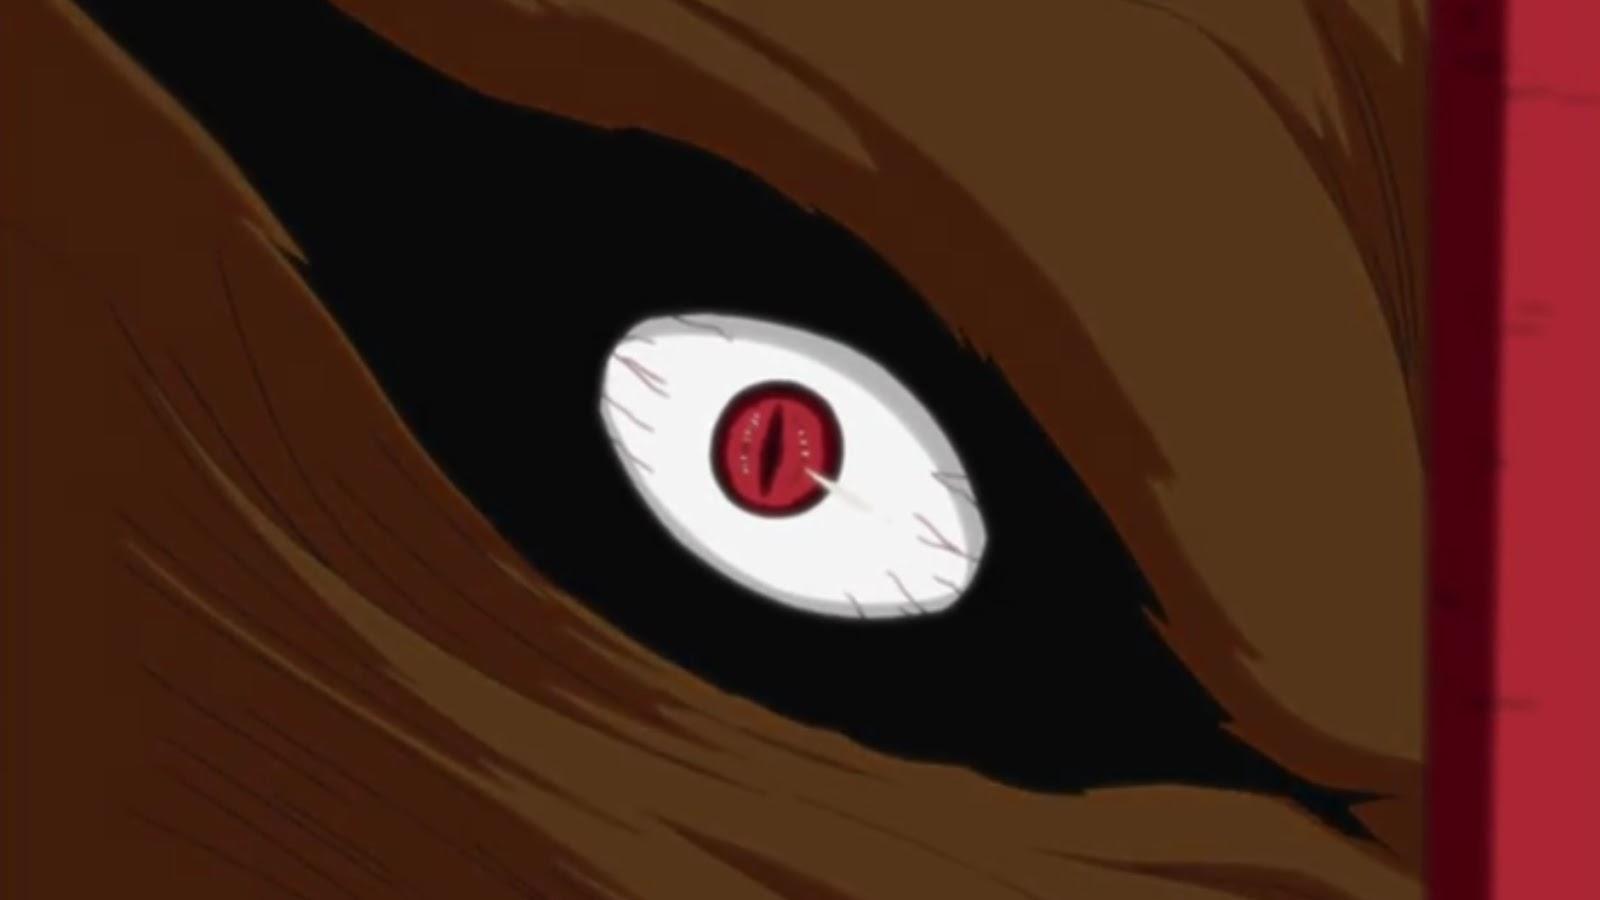 Naruto Shippuden Episódio 327, Assistir Naruto Shippuden Episódio 327, Assistir Naruto Shippuden Todos os Episódios Legendado, Naruto Shippuden episódio 327,HD